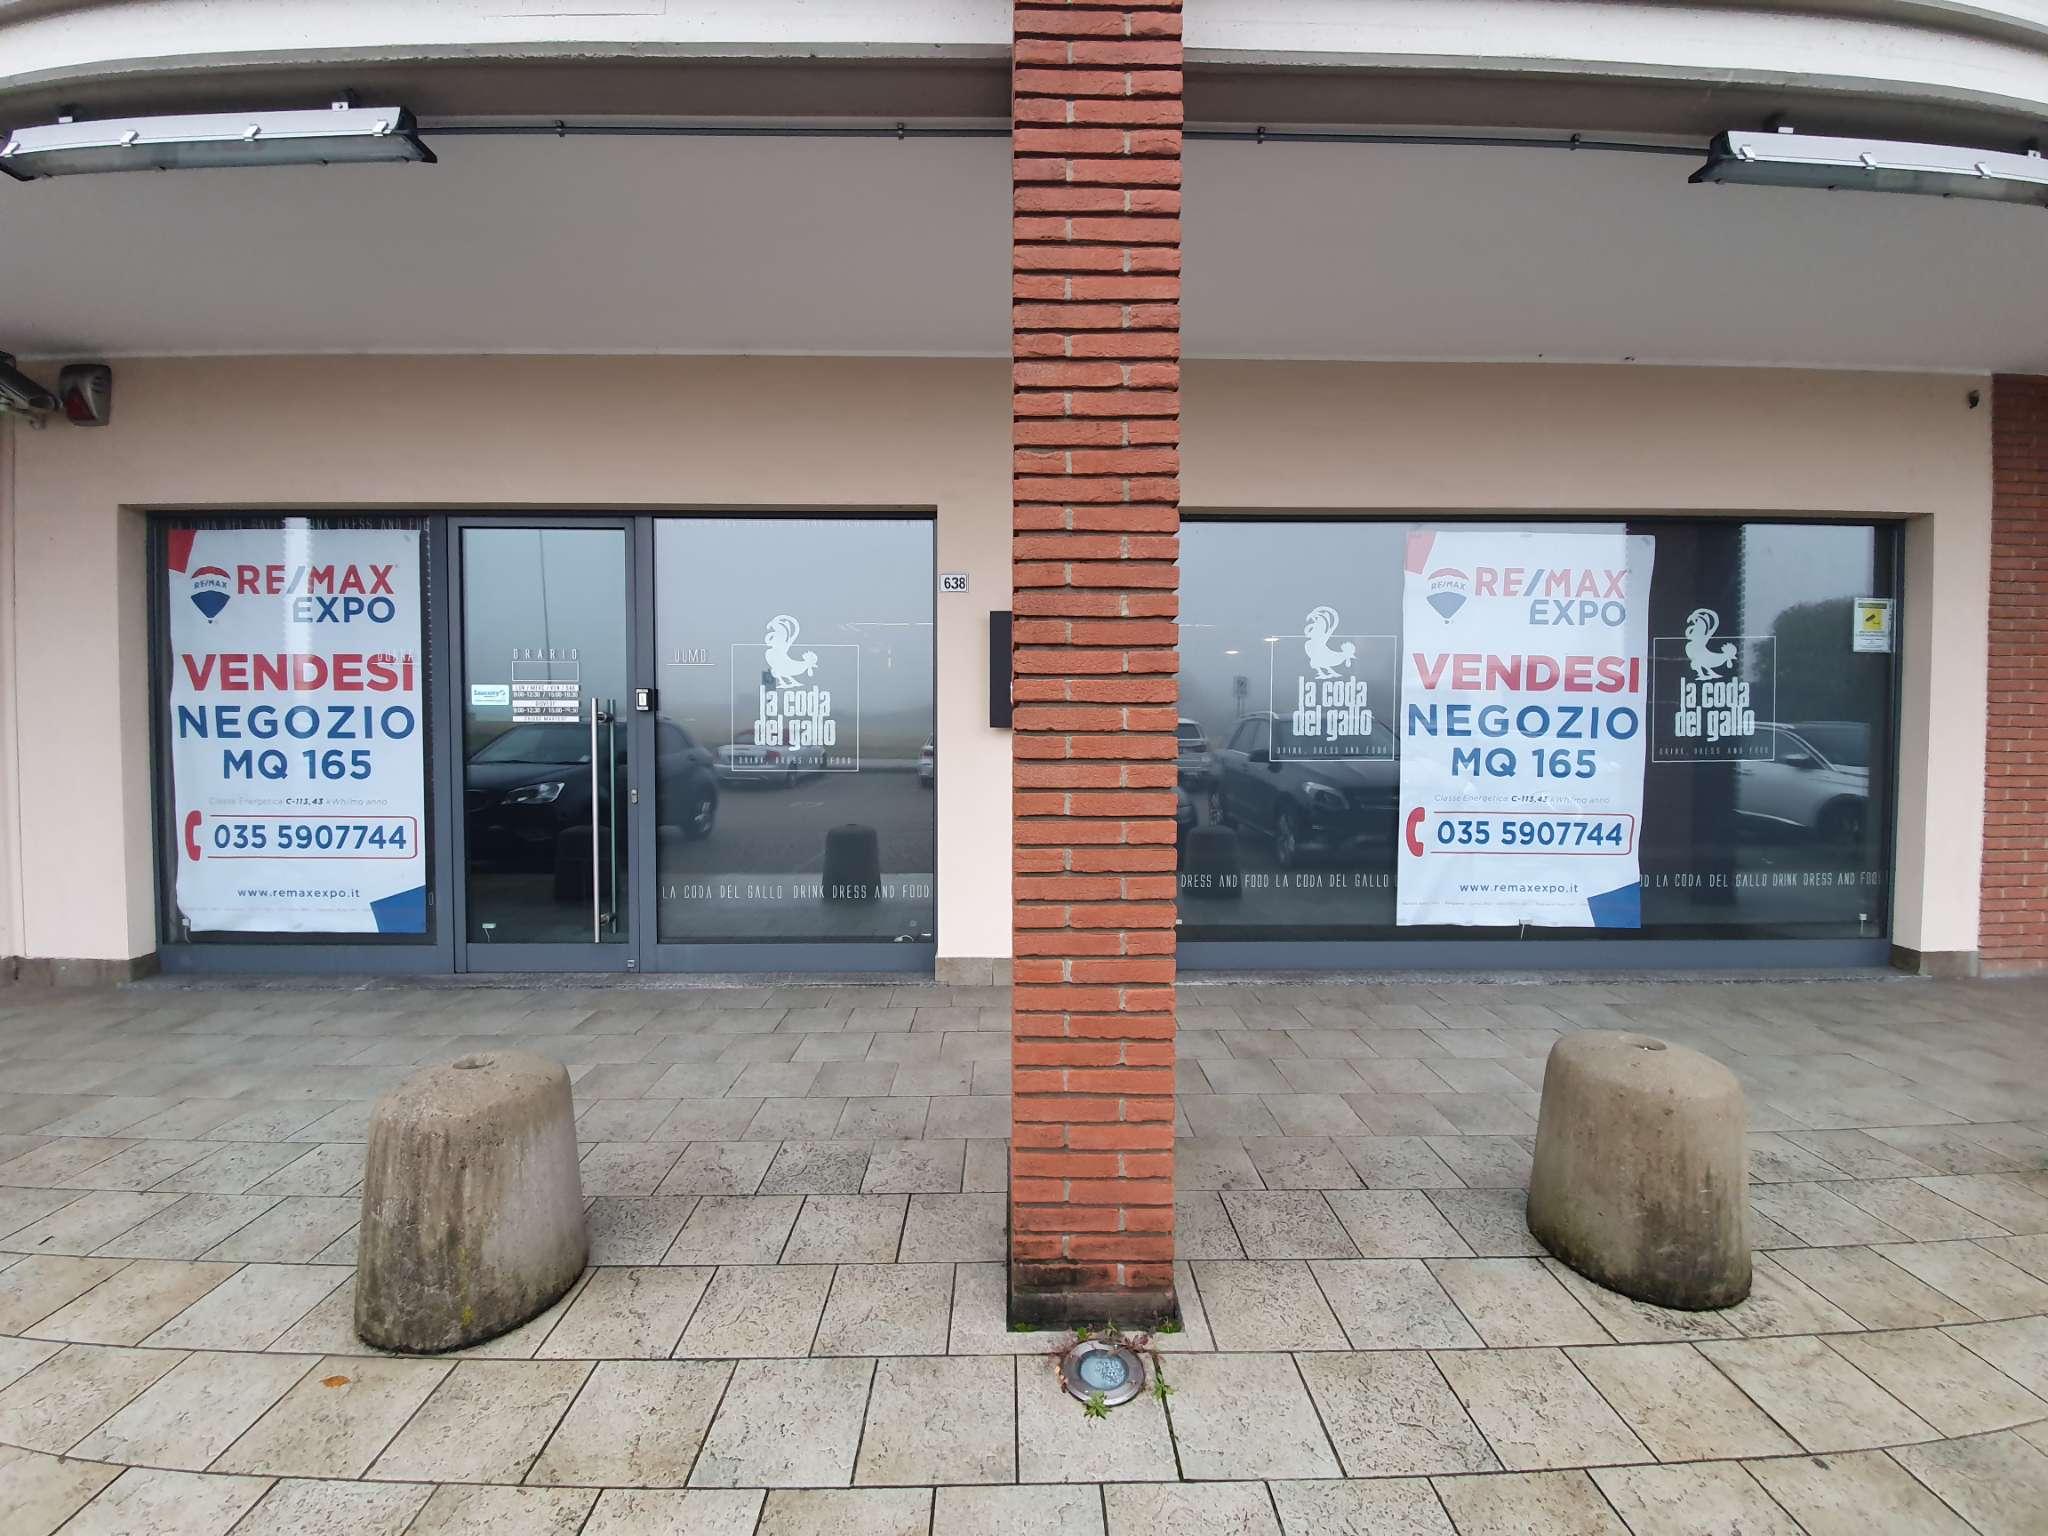 Negozio / Locale in vendita a Calusco d'Adda, 1 locali, prezzo € 248.000 | PortaleAgenzieImmobiliari.it